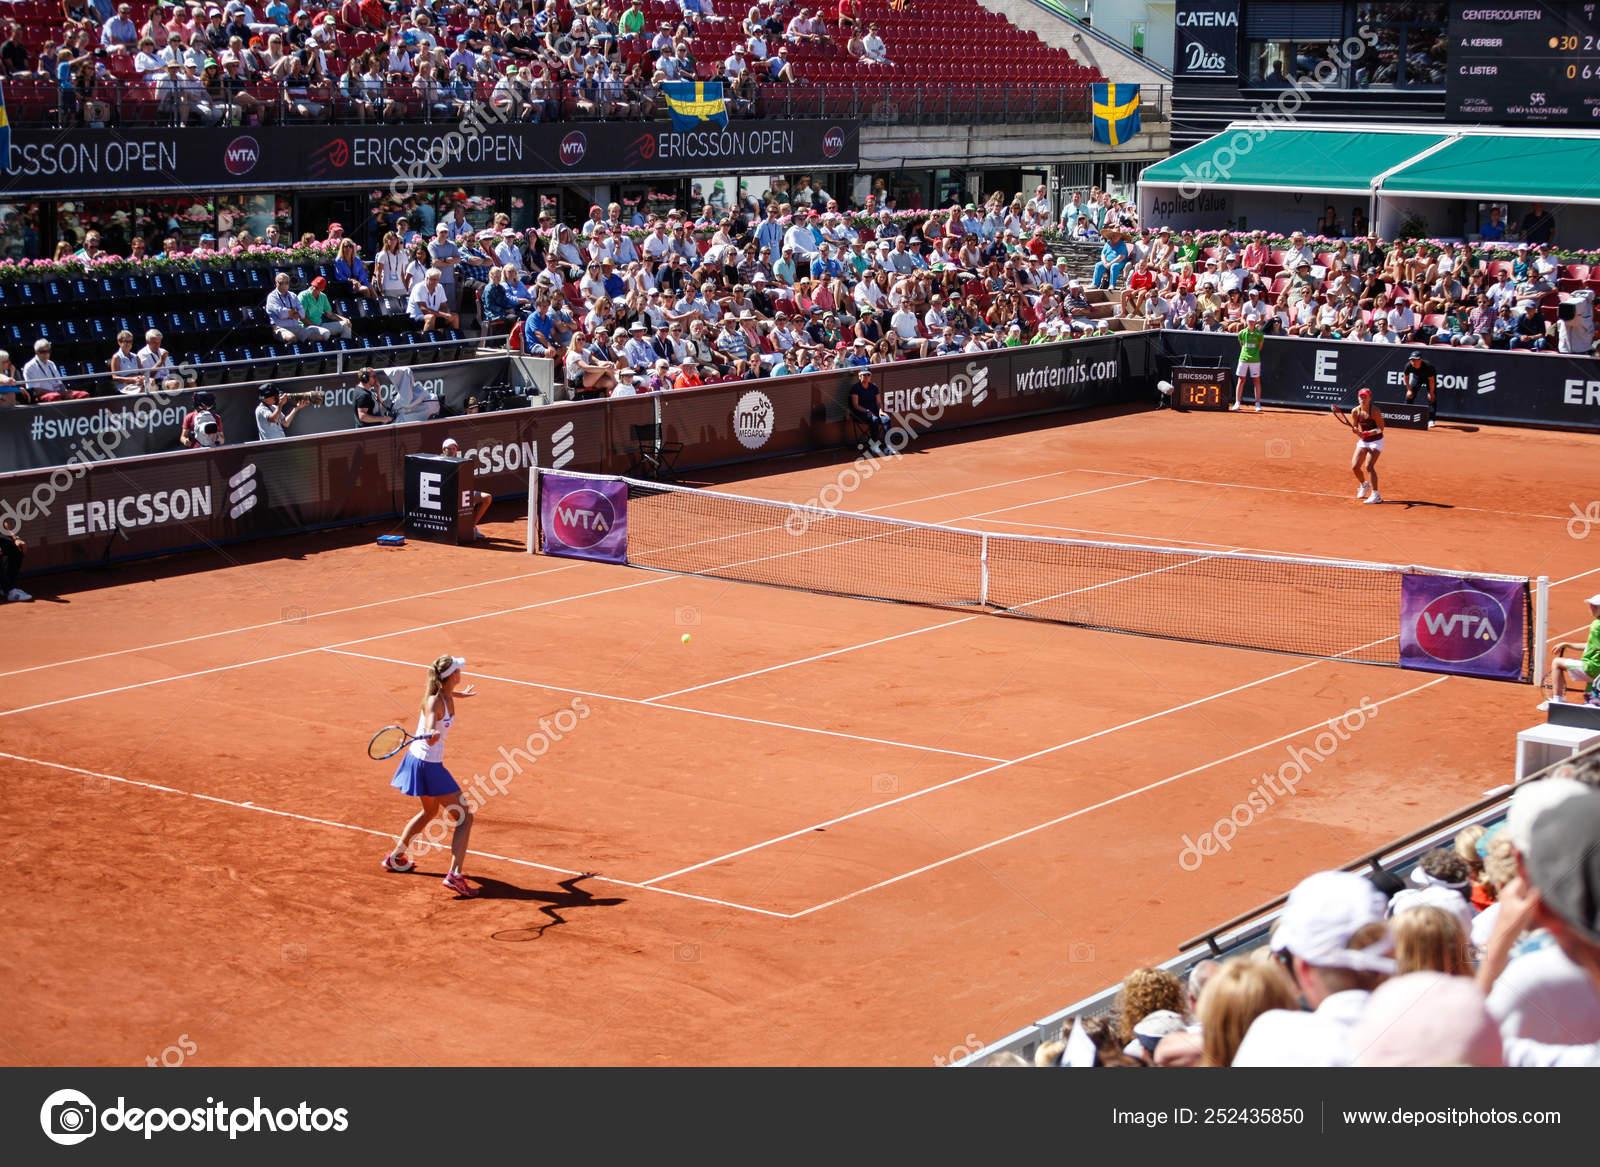 båstad tennis 2016